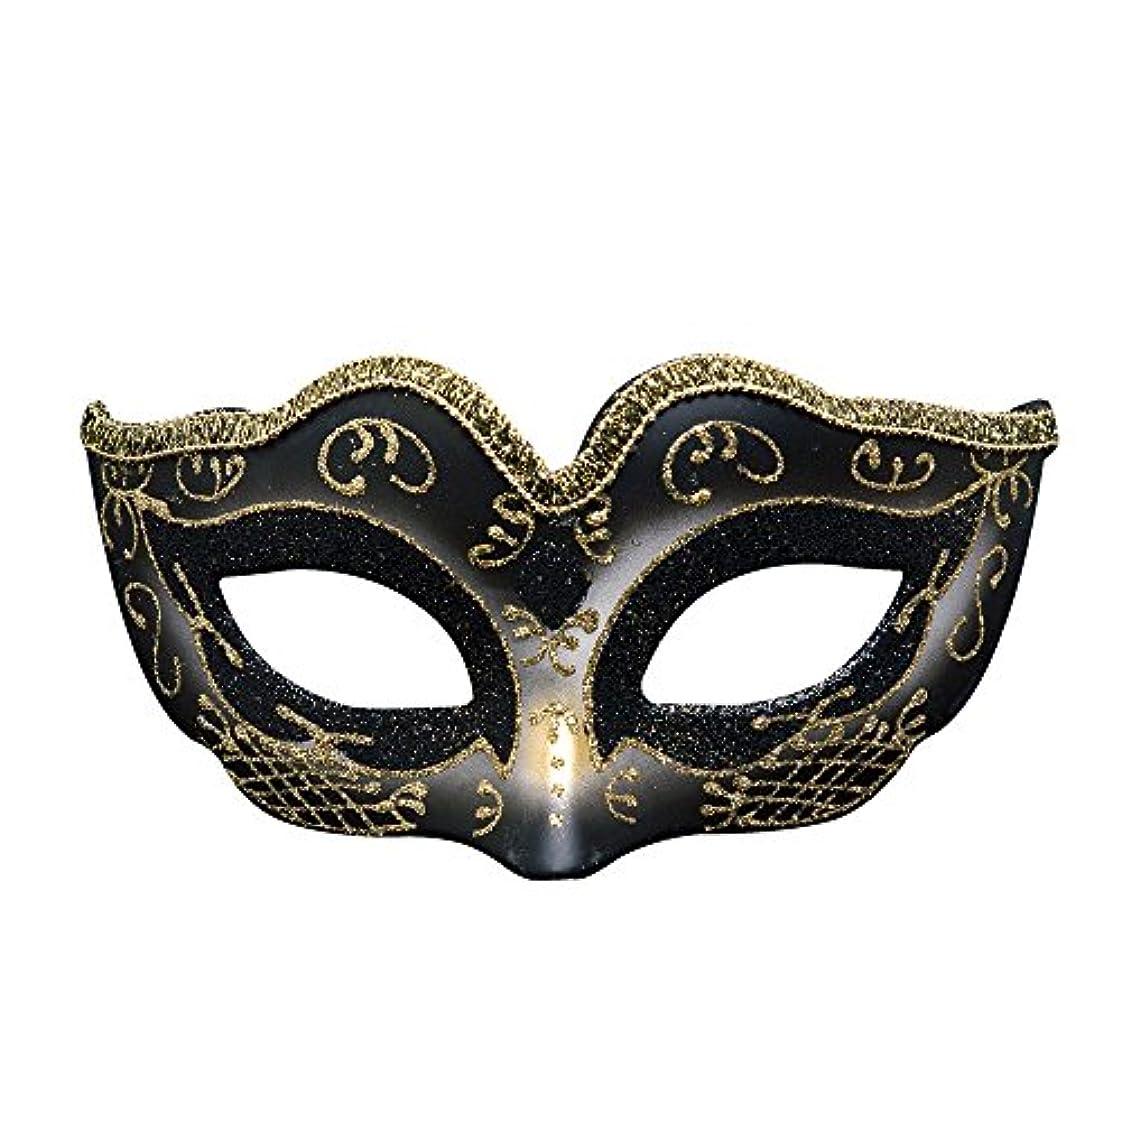 正当な誕生上にクリエイティブカスタム子供のなりすましパーティーハロウィーンマスククリスマス雰囲気マスク (Color : E)